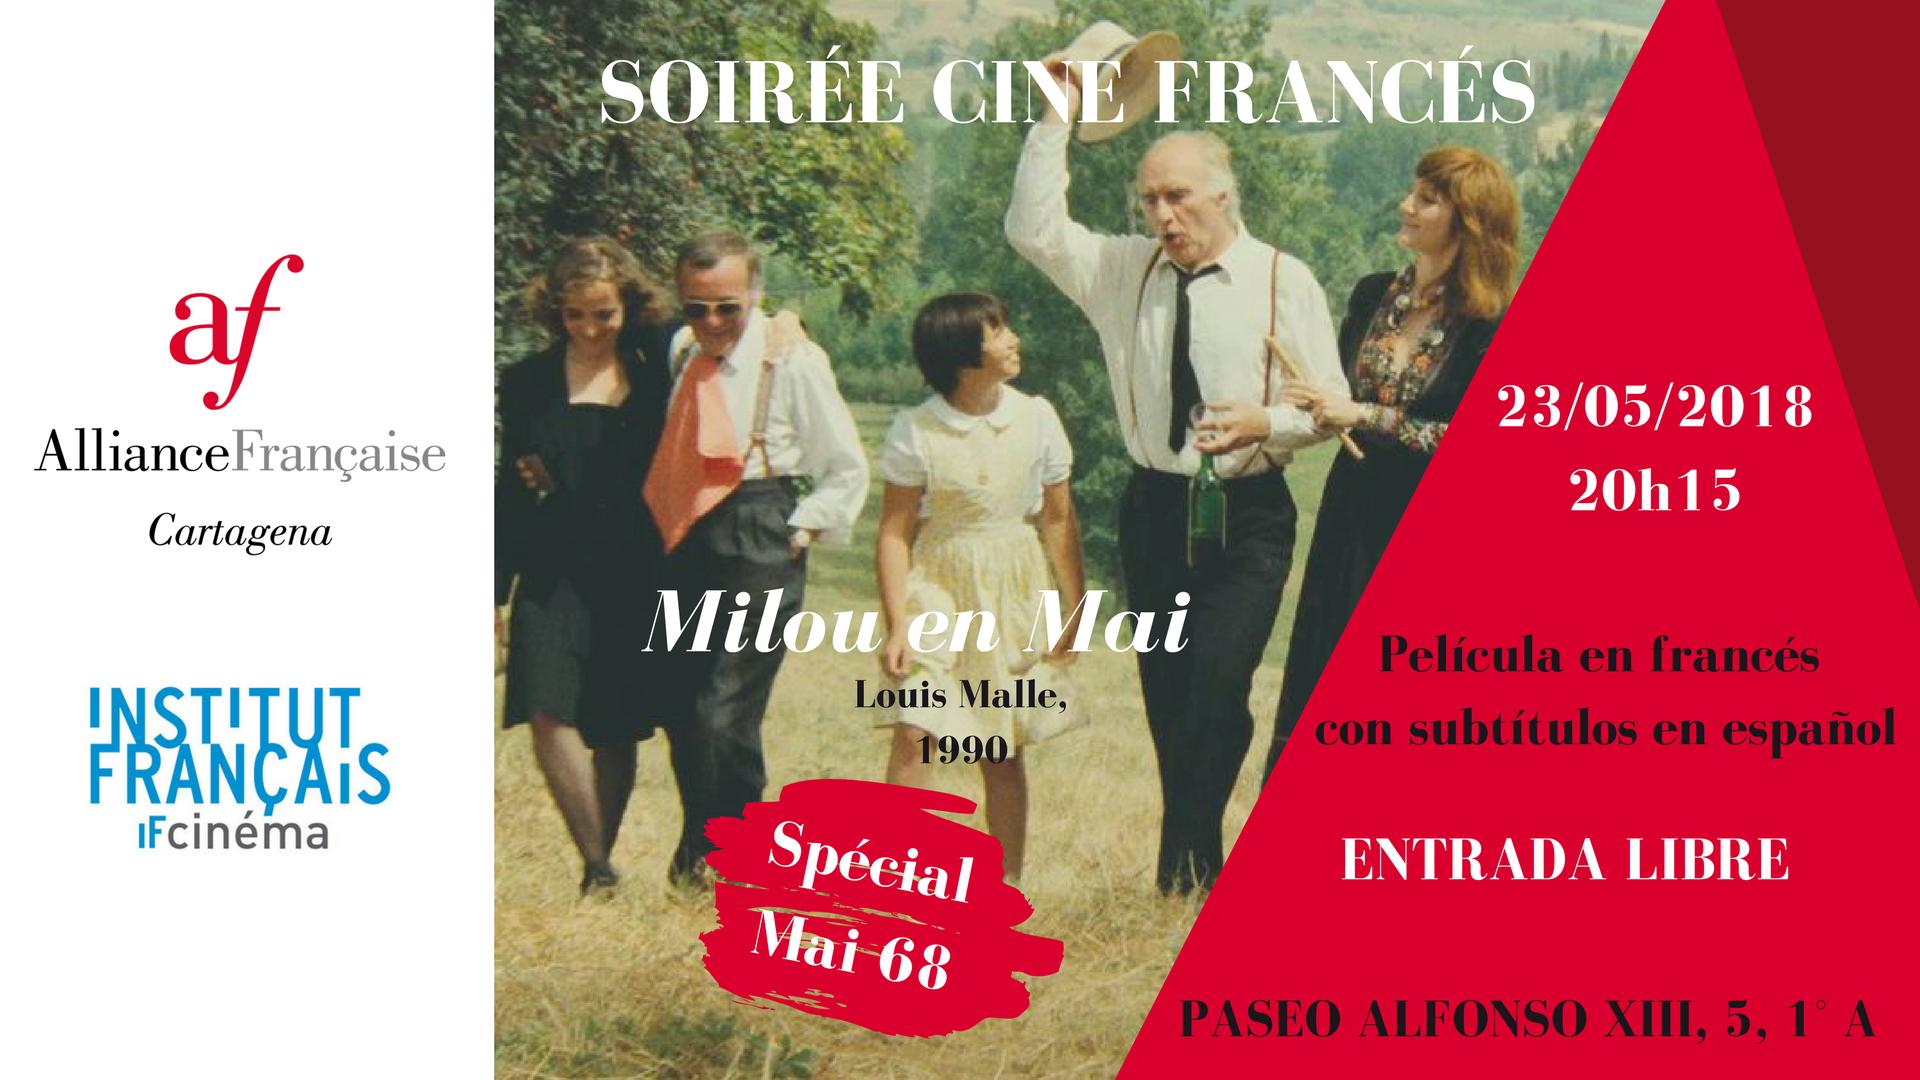 Soirée Cine francés Milou en Mai #Mai 68 6